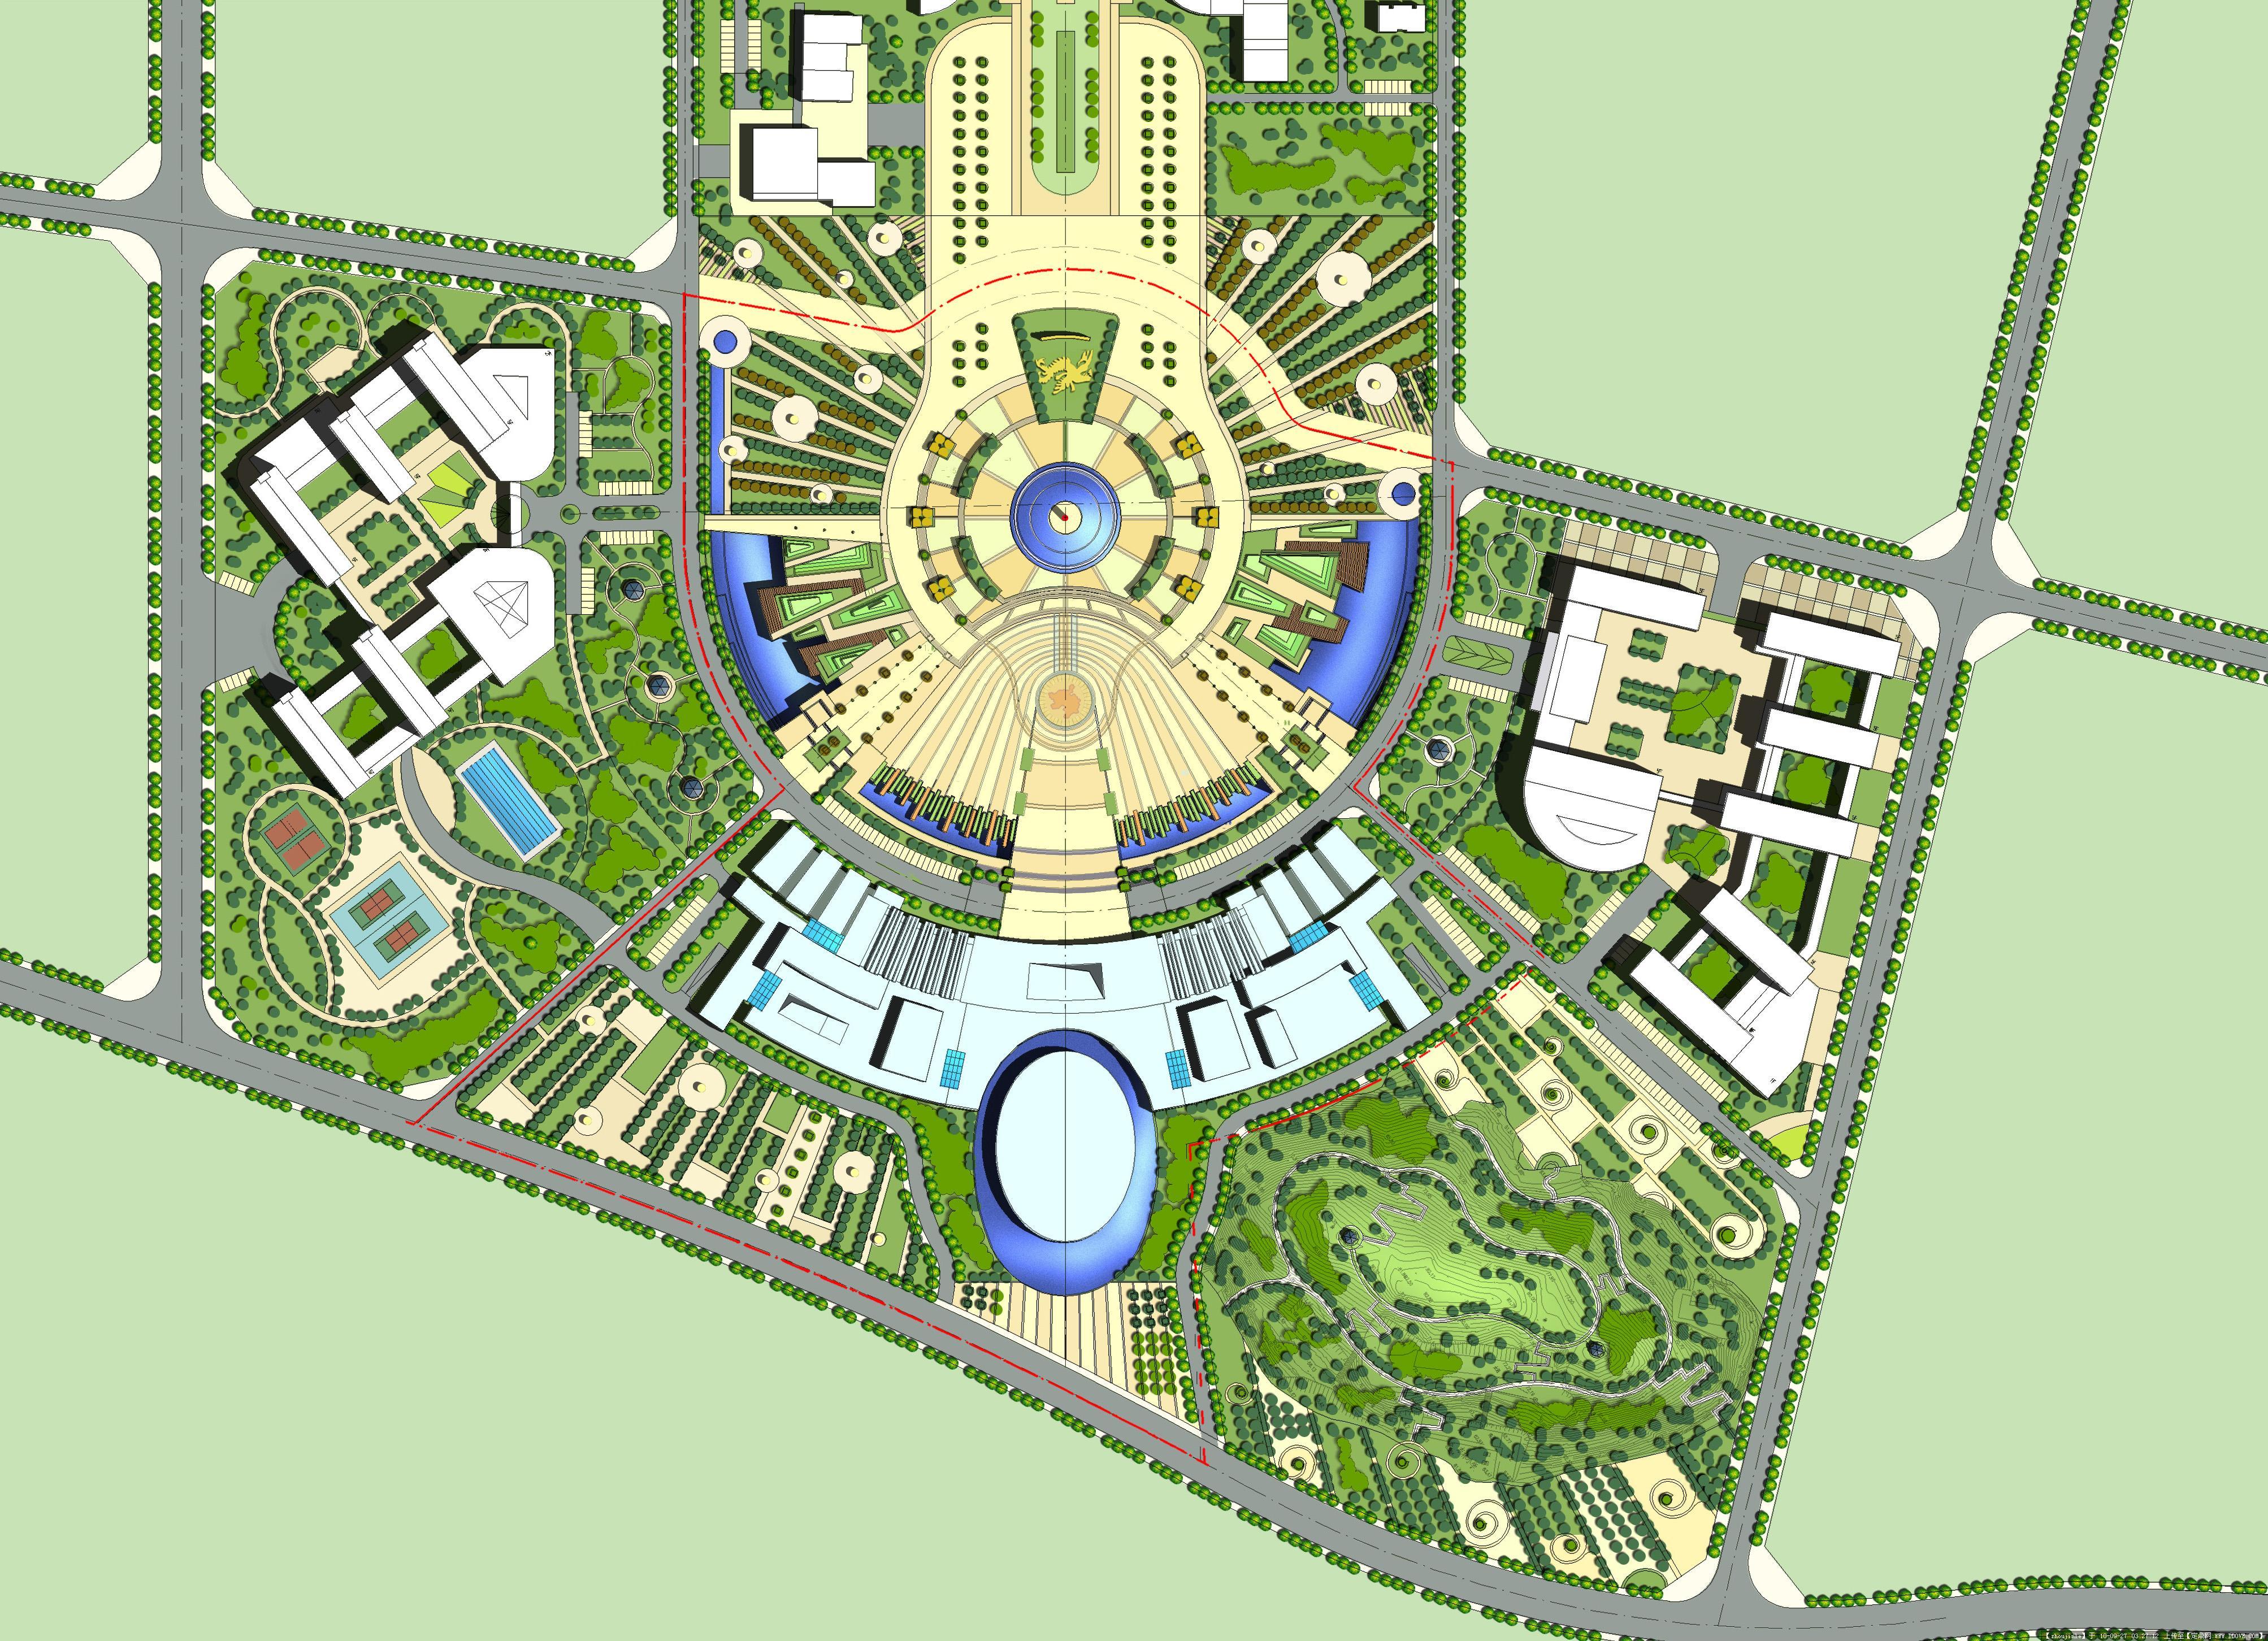 居住区规划平面图 新农村规划平面图 园林规划设计平面图